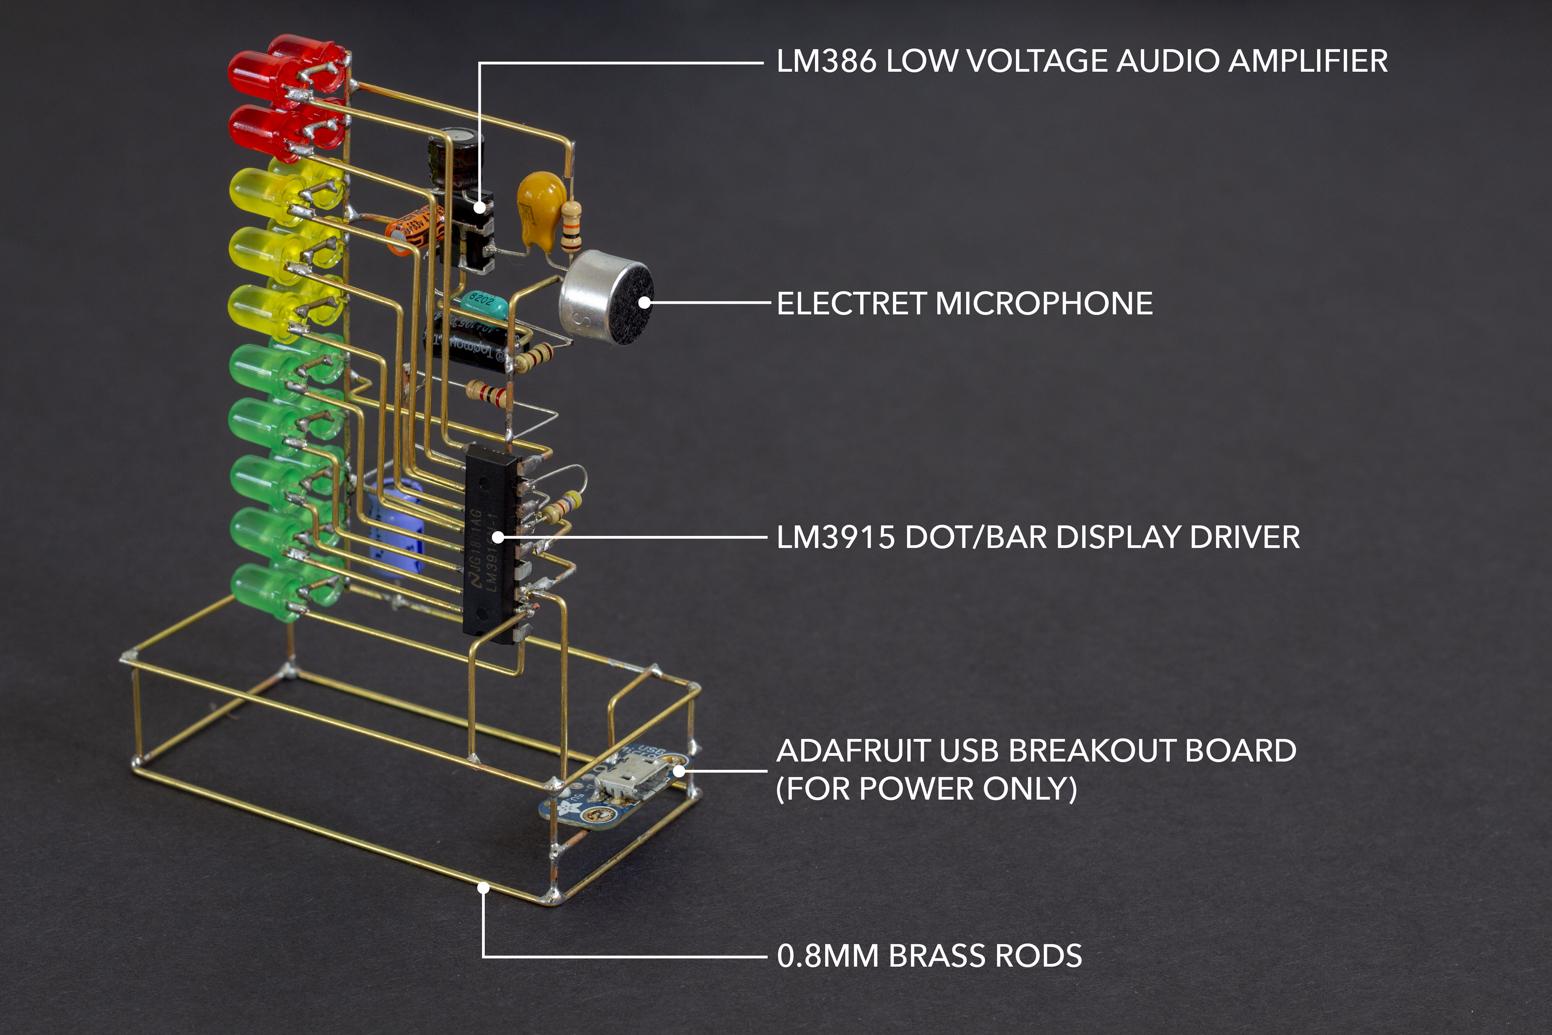 Lm3915 Vu Meter Mohit Bhoite Low Power Audio Amplifier Circuit Diagram Using Lm386 Mohitbhoite